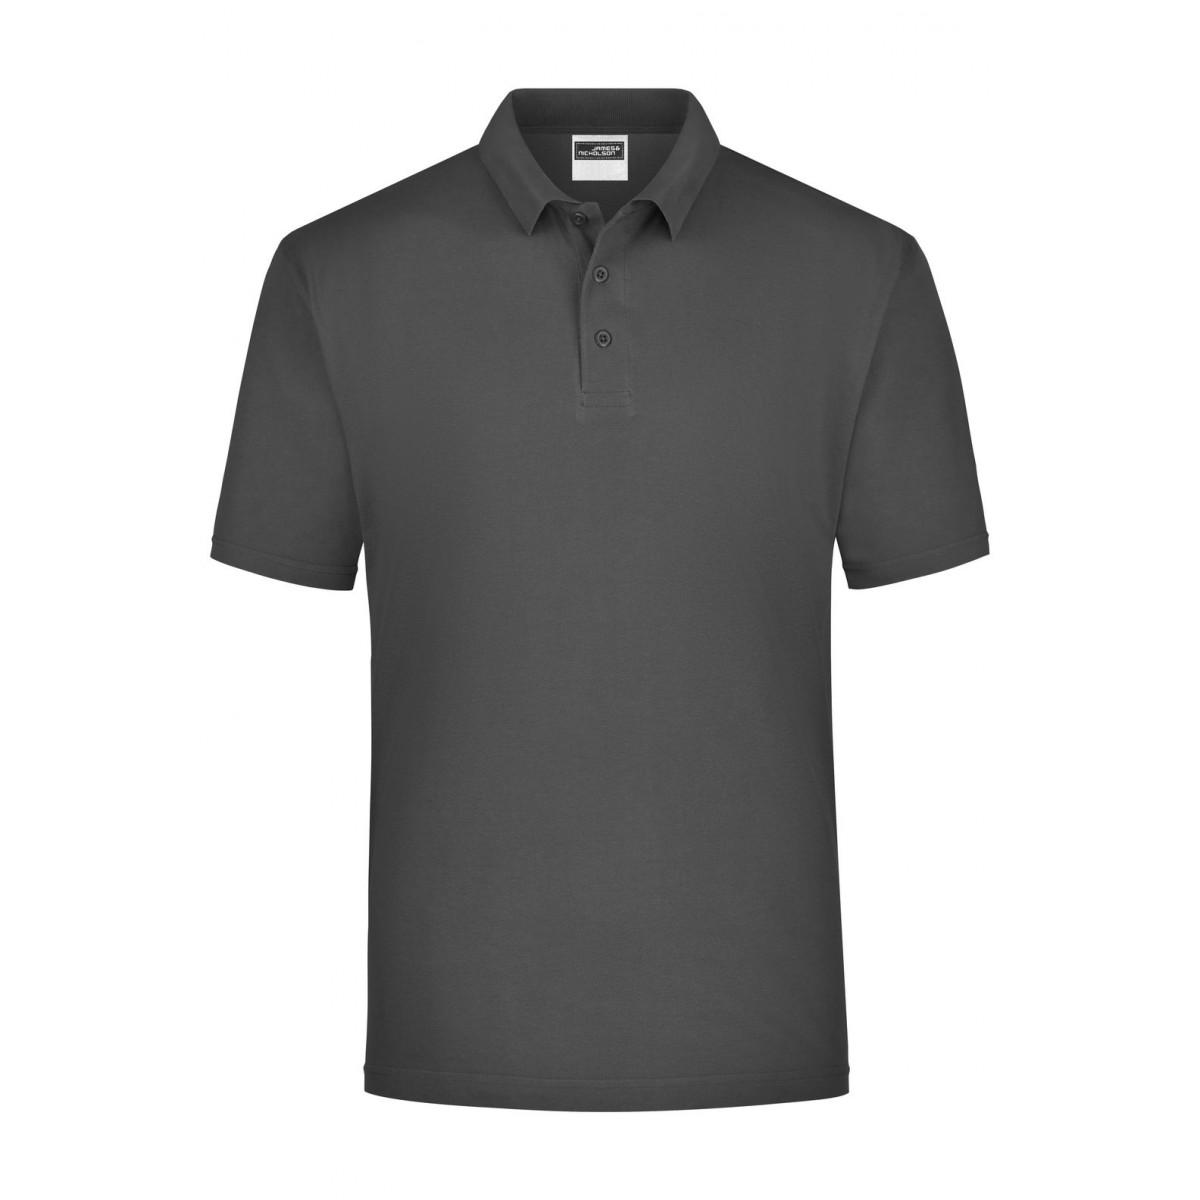 Рубашка поло мужская JN021 Polo Piqué Heavy - Угольный